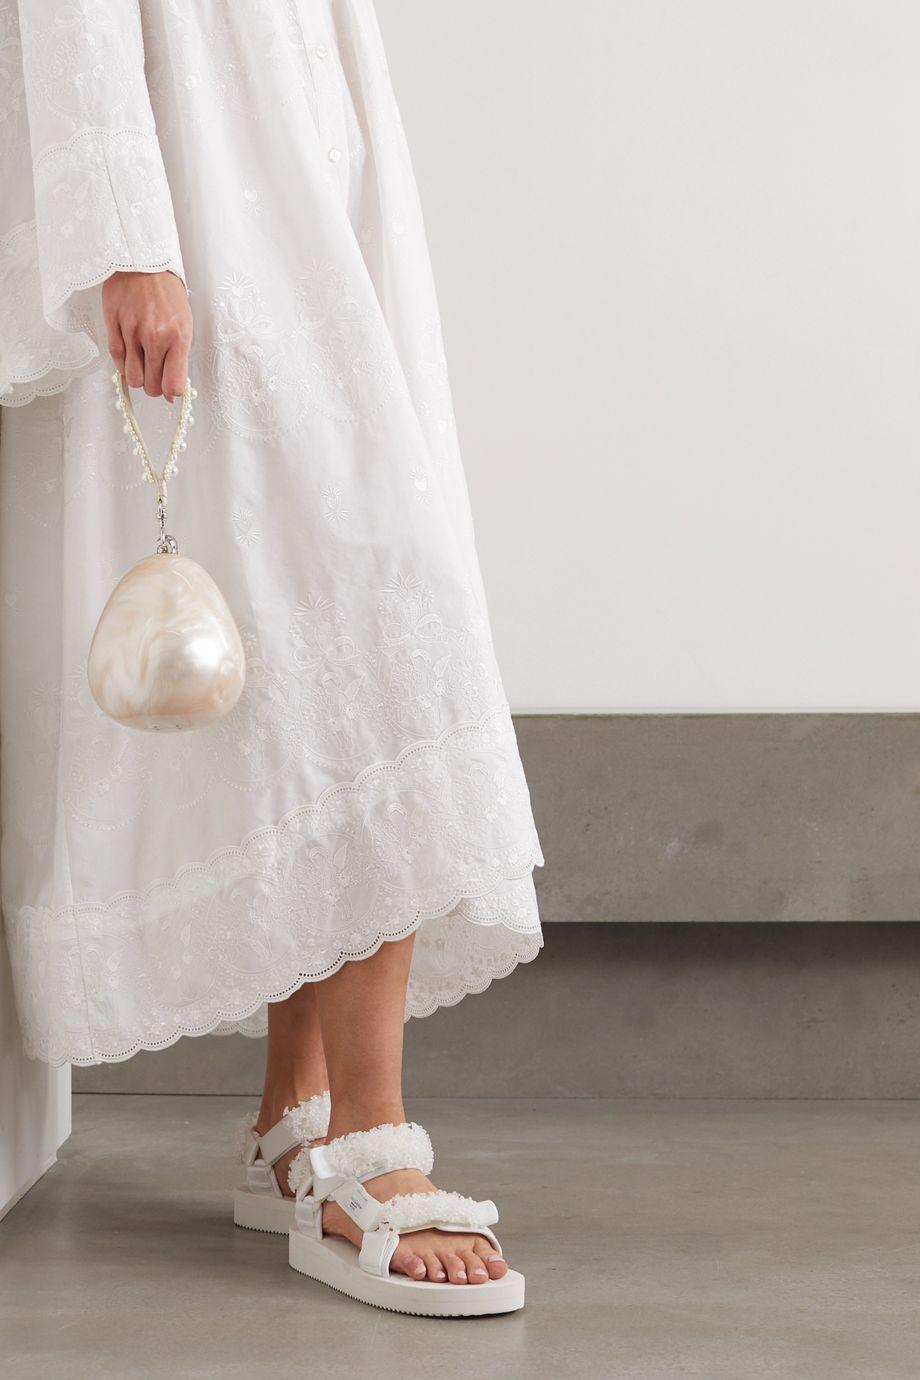 Simone Rocha Tote aus marmoriertem Acryl mit Kunstperlen